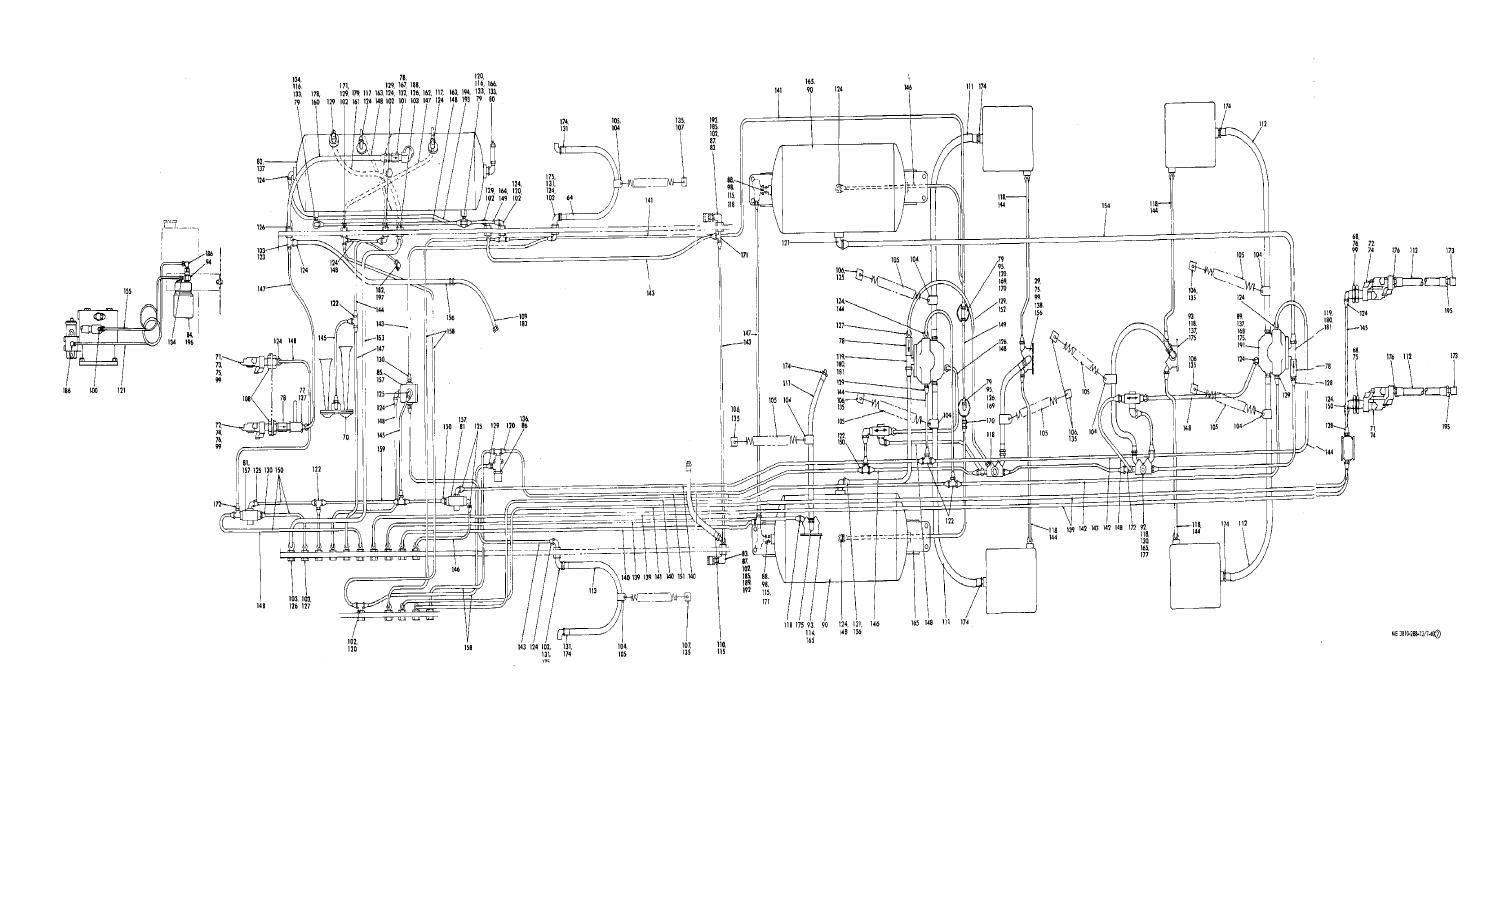 Fuse Box Kenworth W900 - Wiring Diagram | 2005 Kenworth W900 Wiring Diagram |  | Wiring Diagram